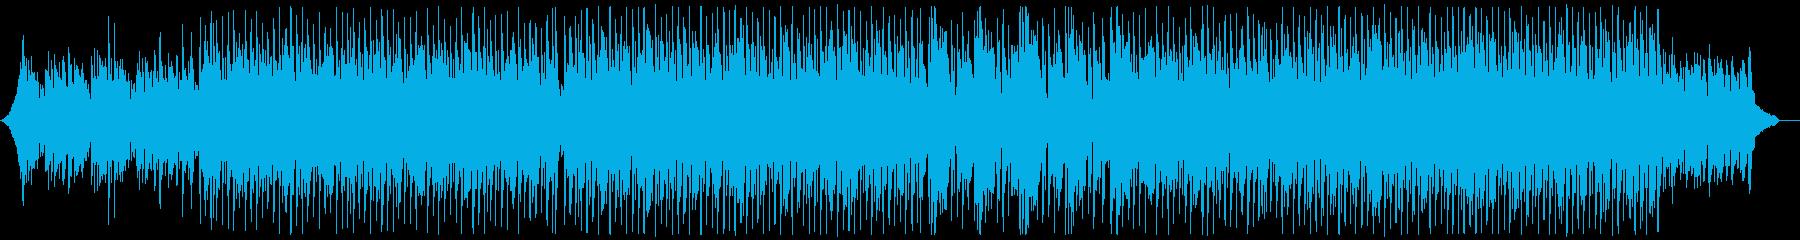 現代的な和風三味線ポップ:弦楽器無しの再生済みの波形